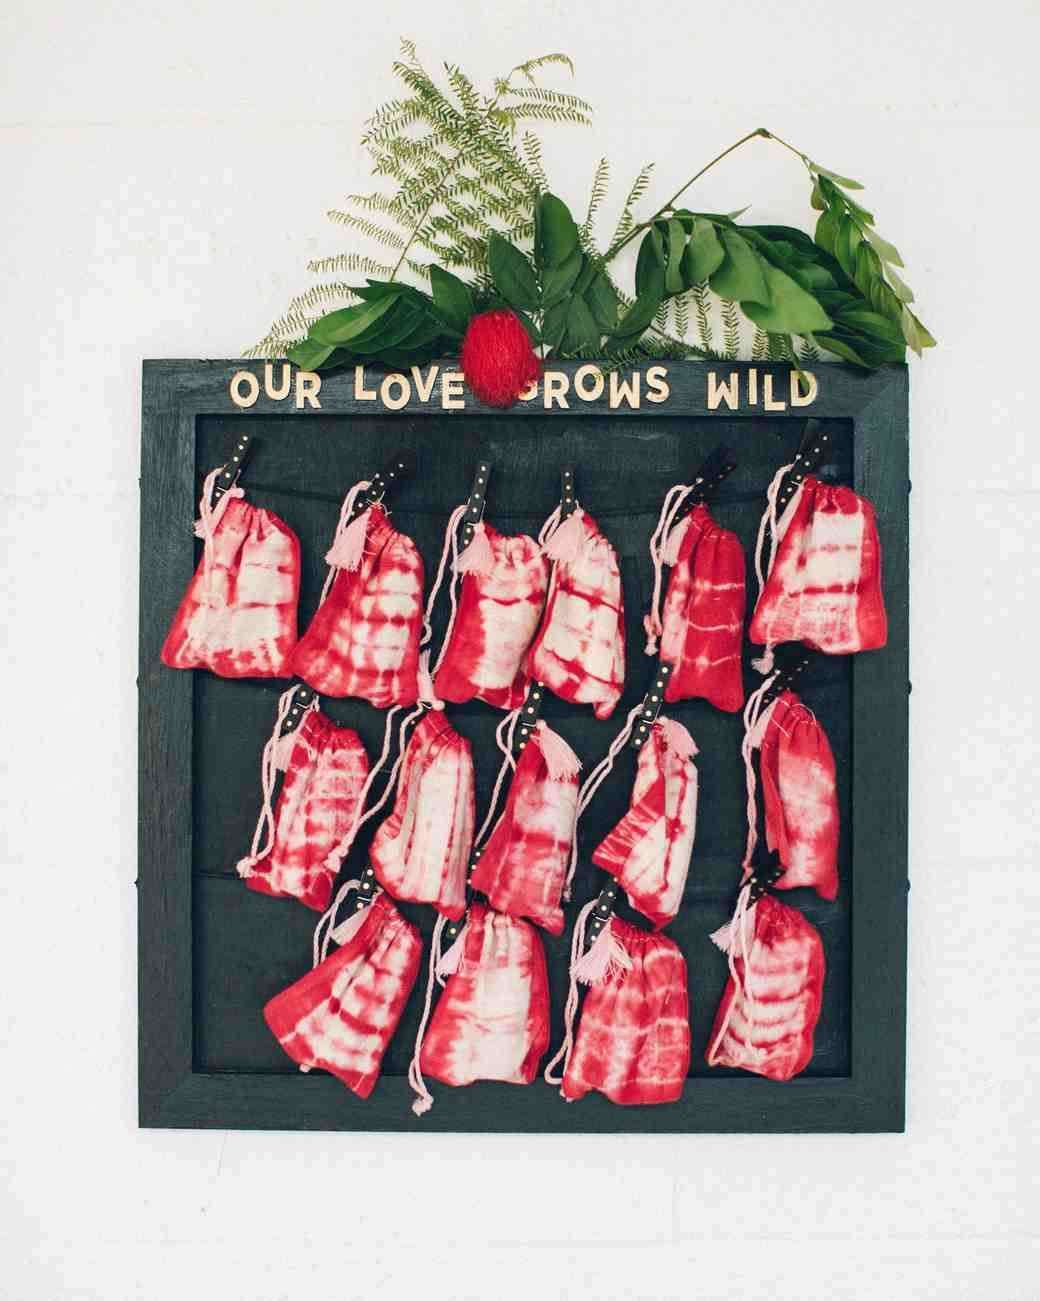 Batik Boyalı Kırmızı Keseler İçinde Tohumlar